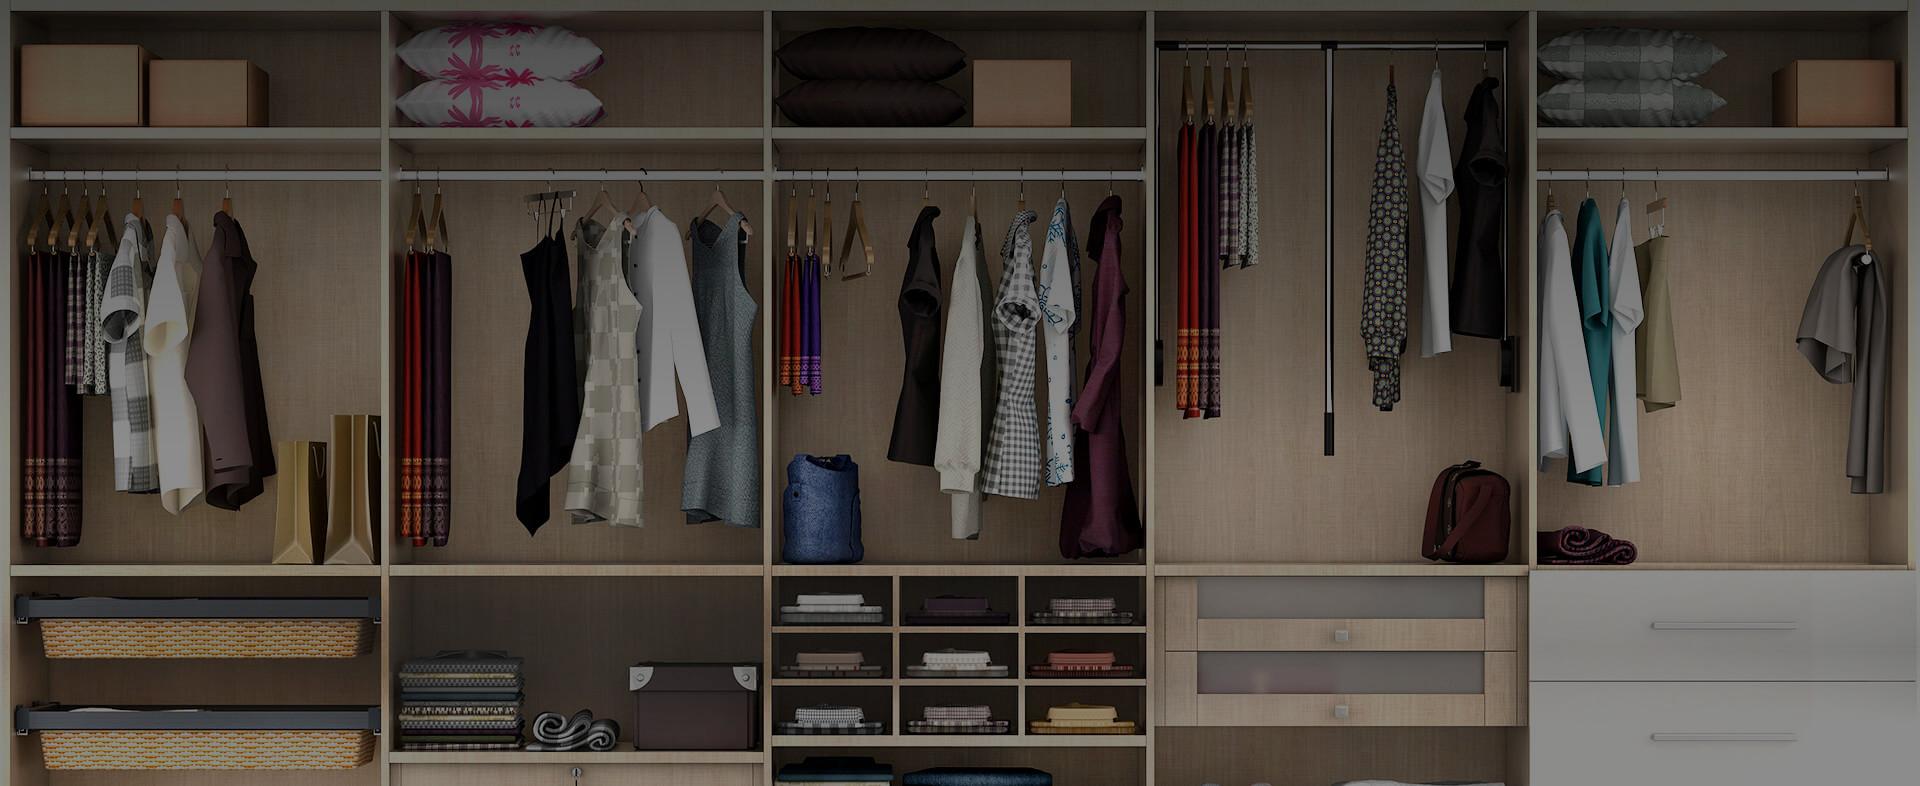 Υλικά επιπλοποιίας για ντουλάπες